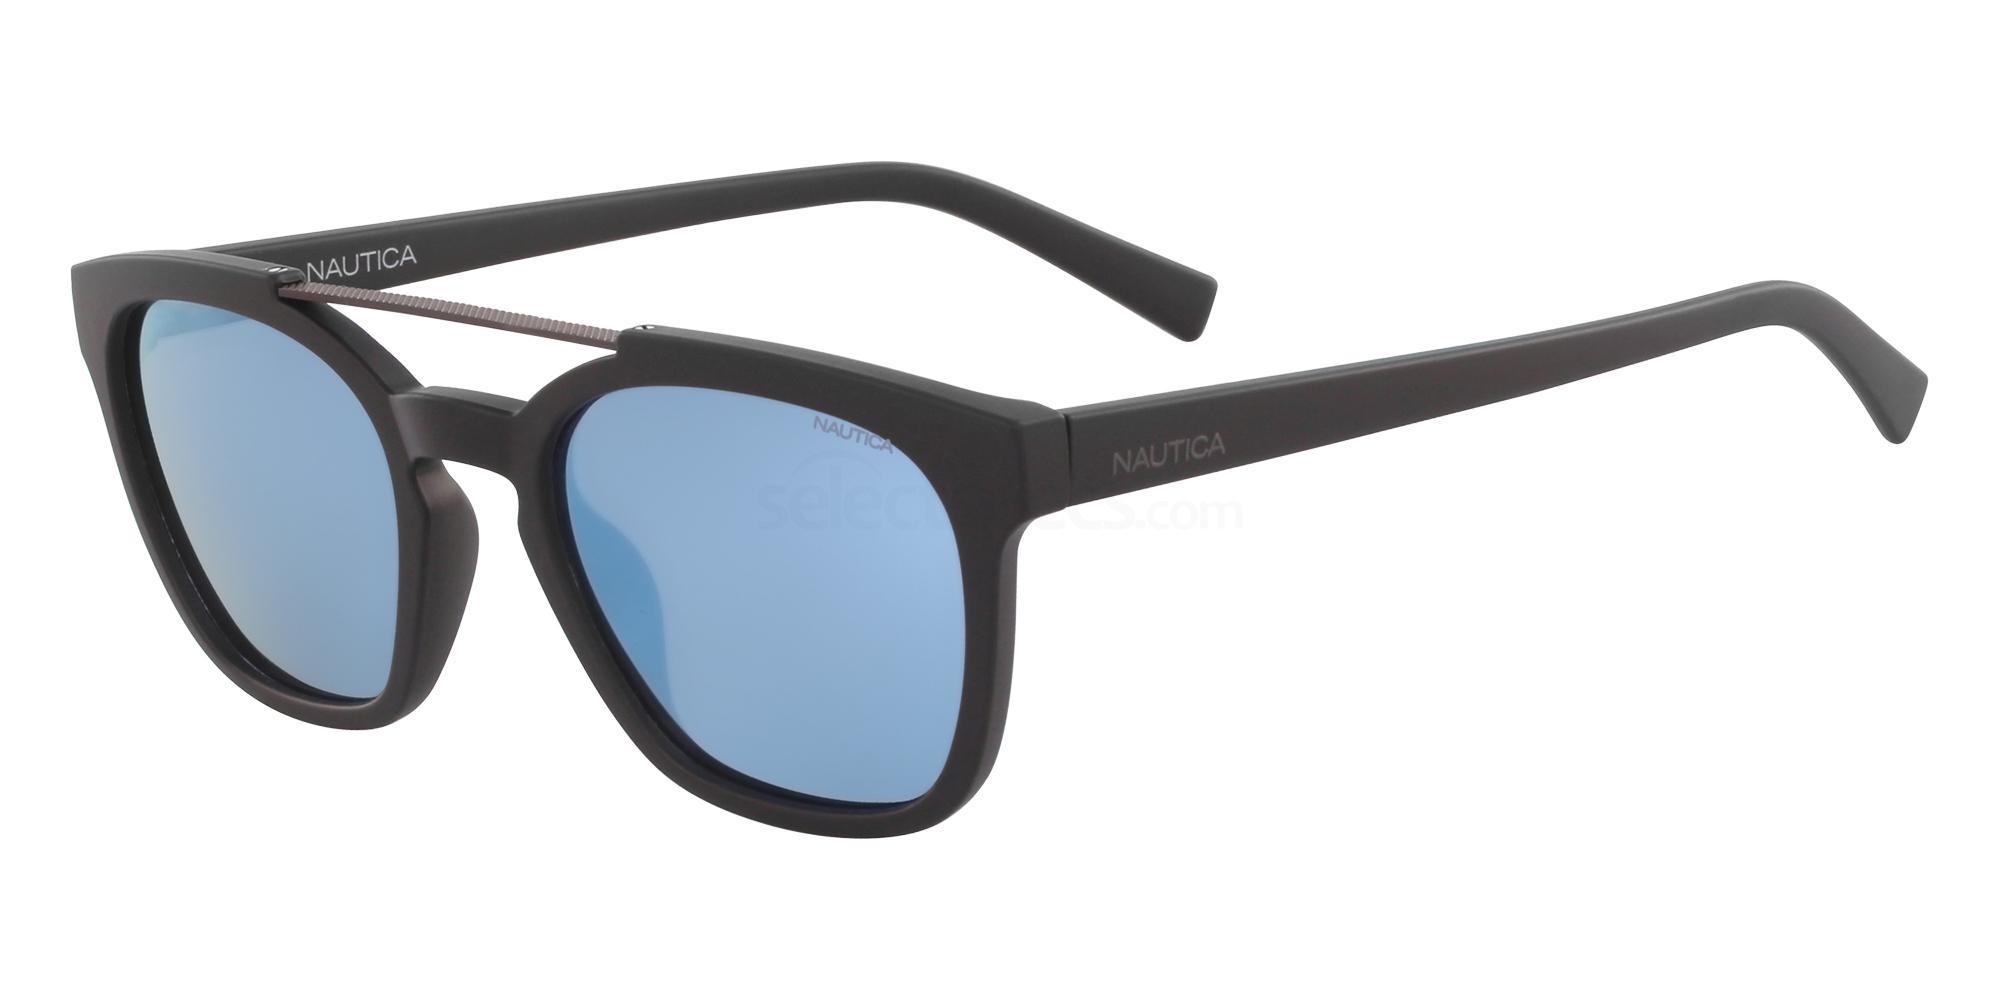 005 N3638SP Sunglasses, Nautica